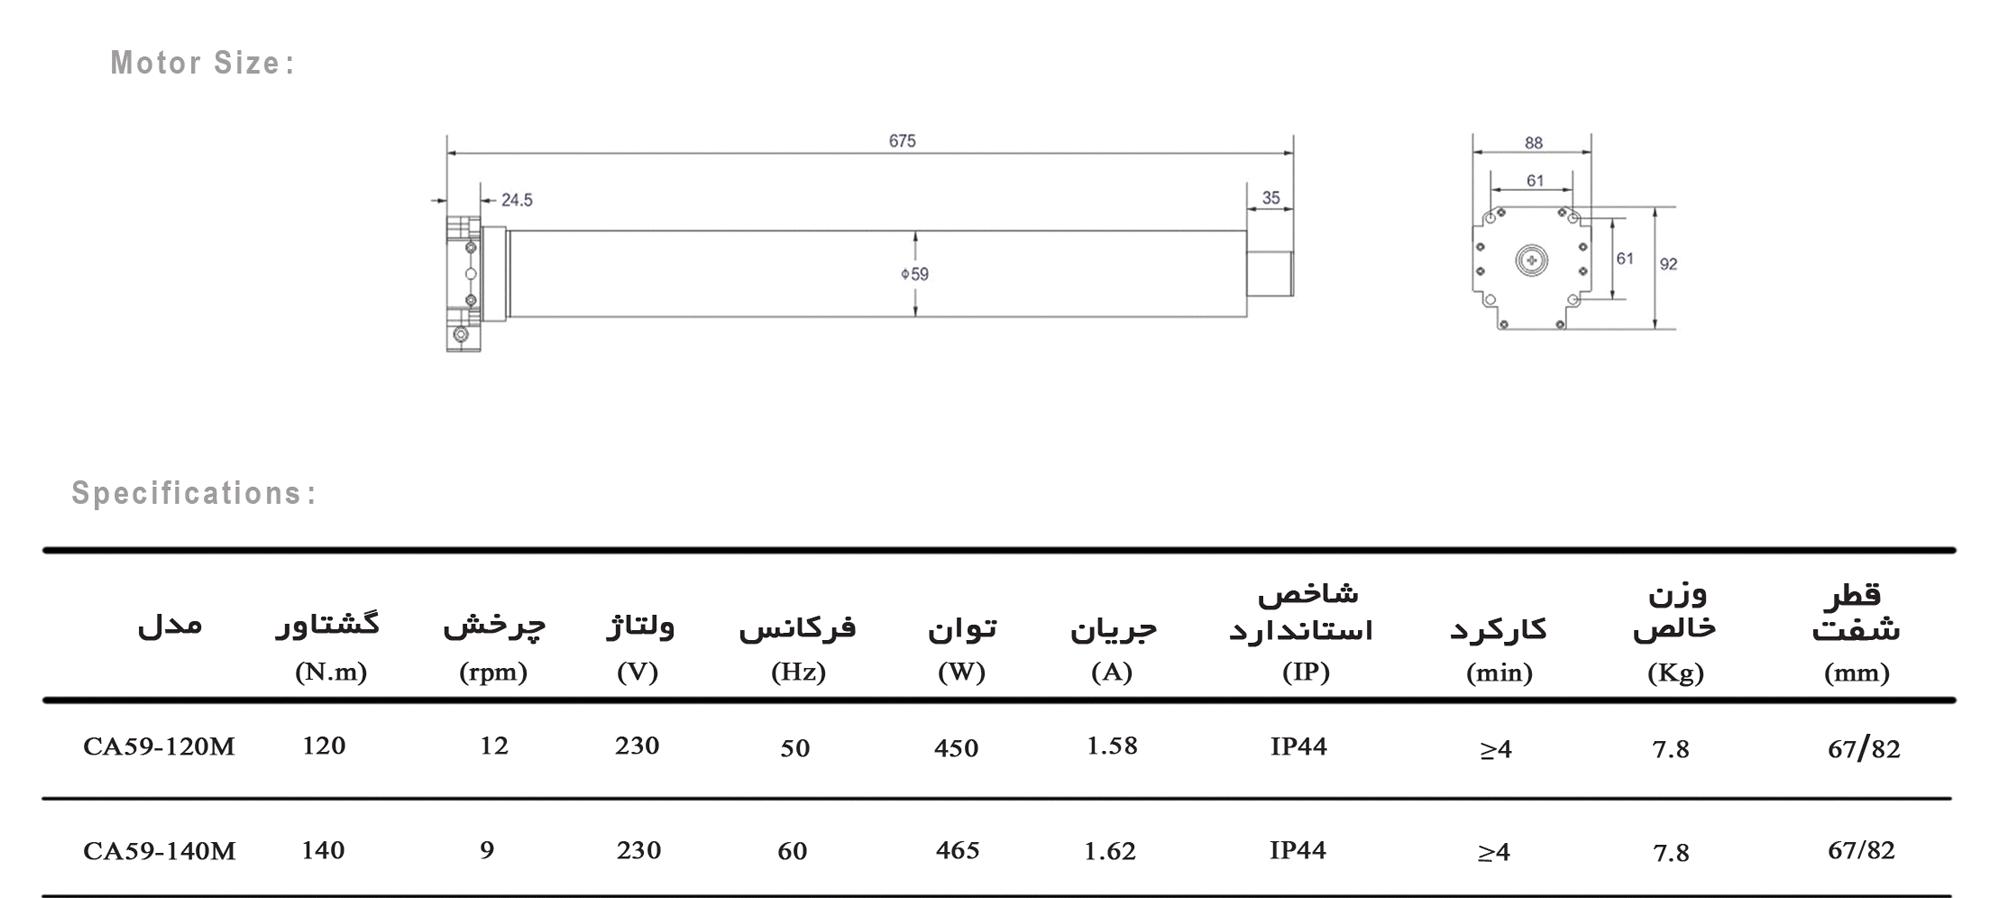 مشخصات موتور توبولار کازا